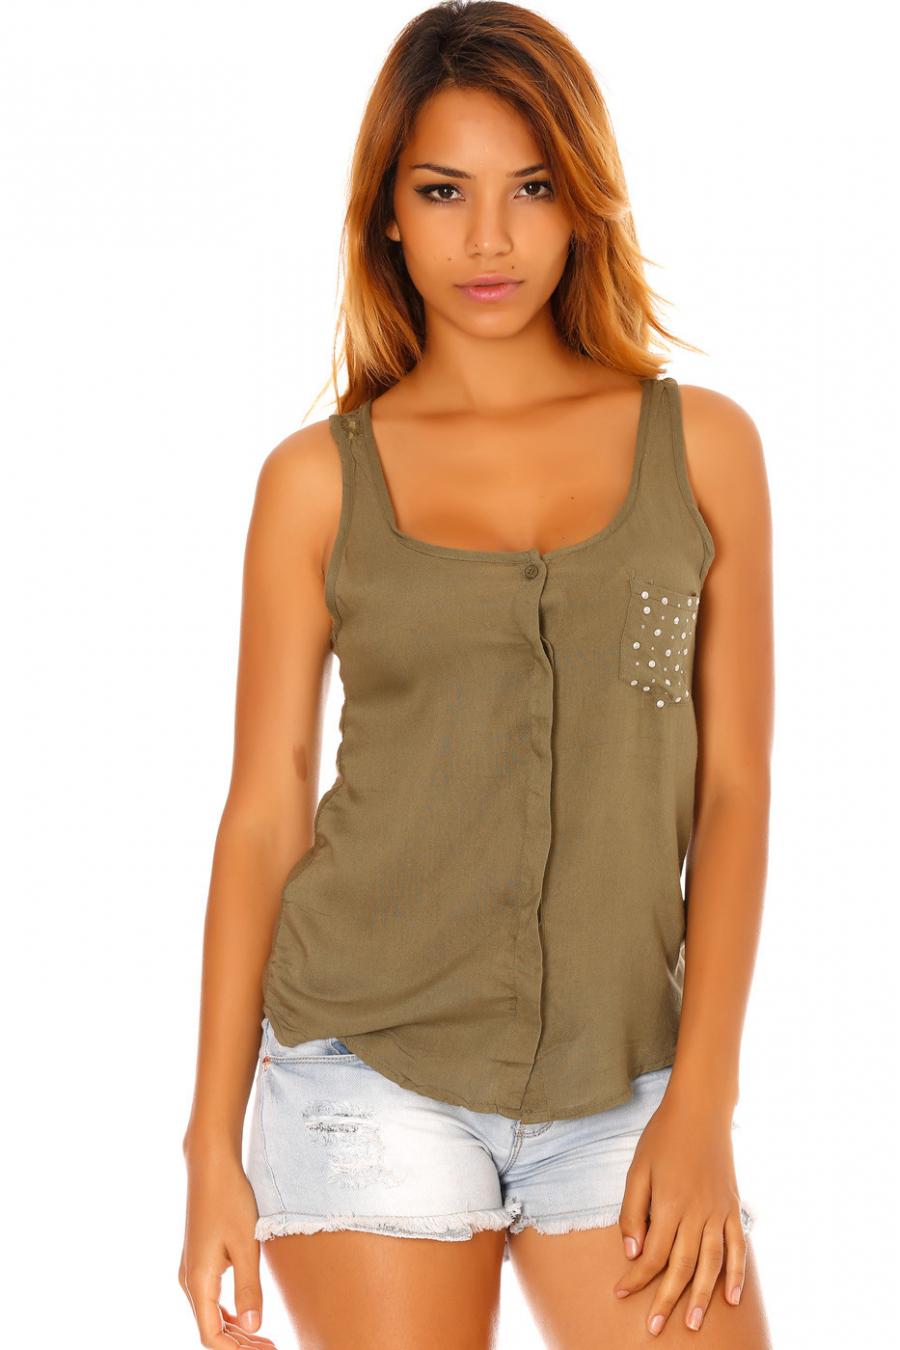 Khaki sleeveless blouse with rhinestone pocket and lace back. F2030